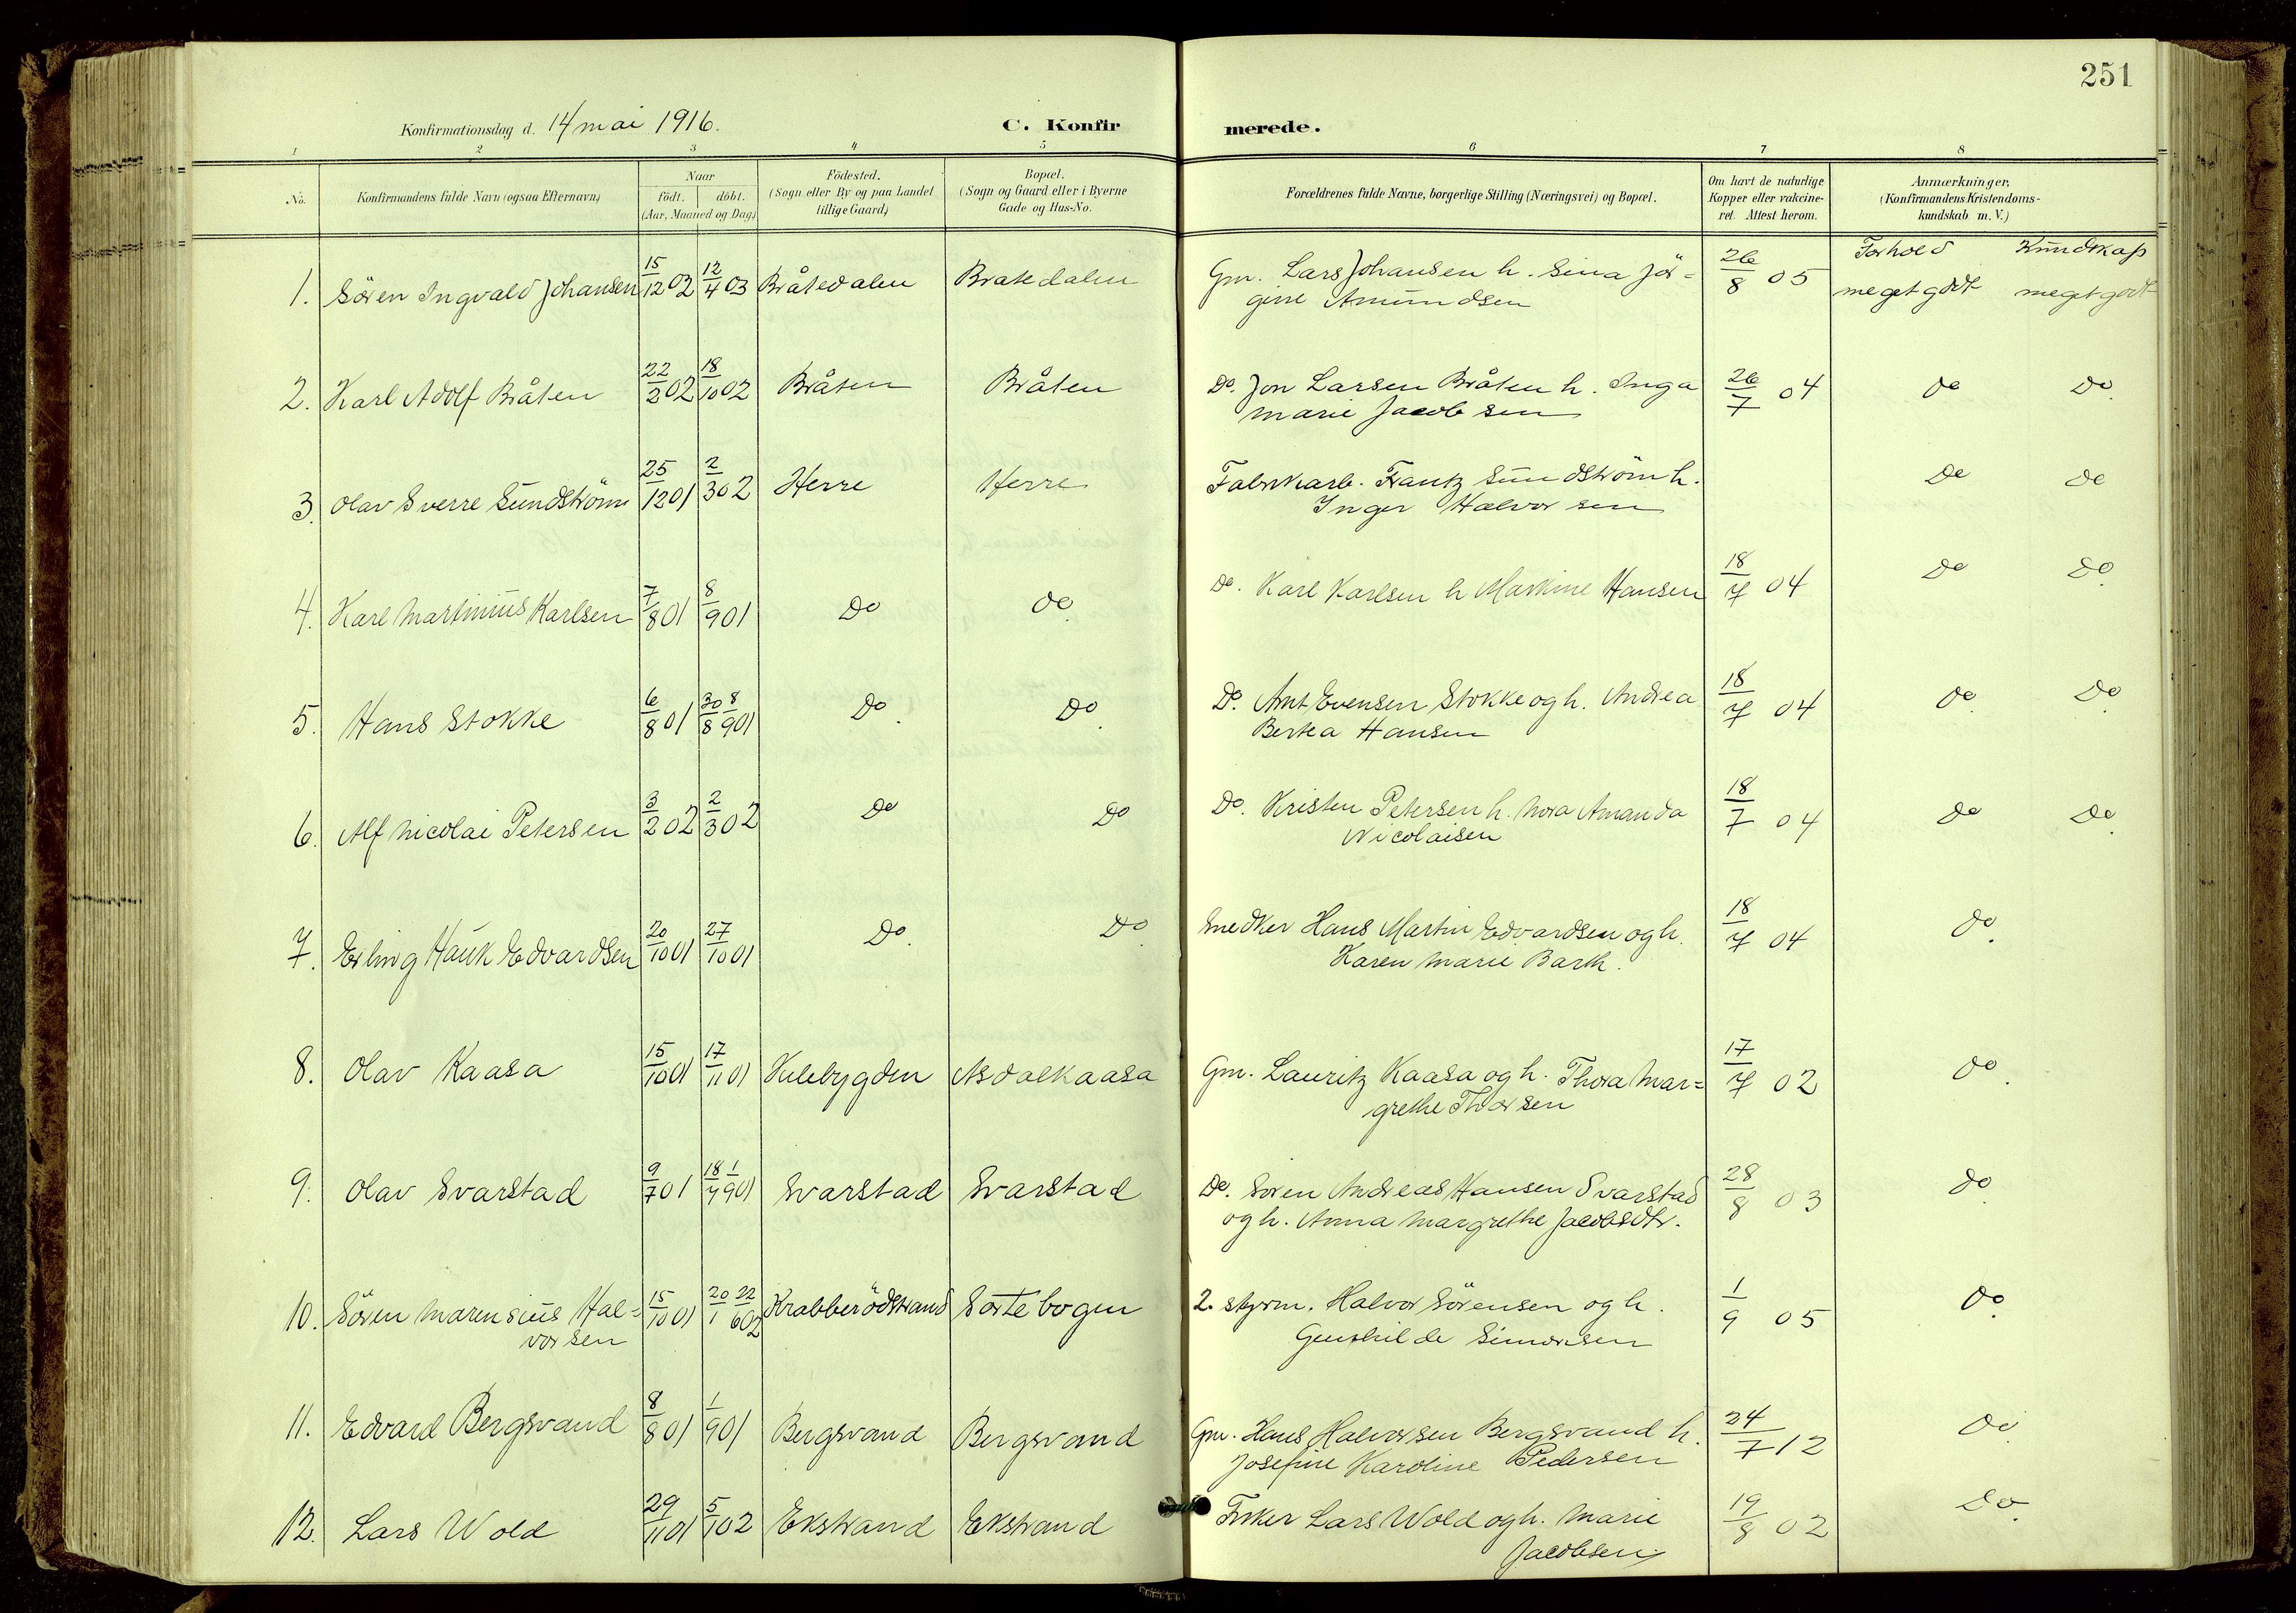 SAKO, Bamble kirkebøker, G/Ga/L0010: Klokkerbok nr. I 10, 1901-1919, s. 251